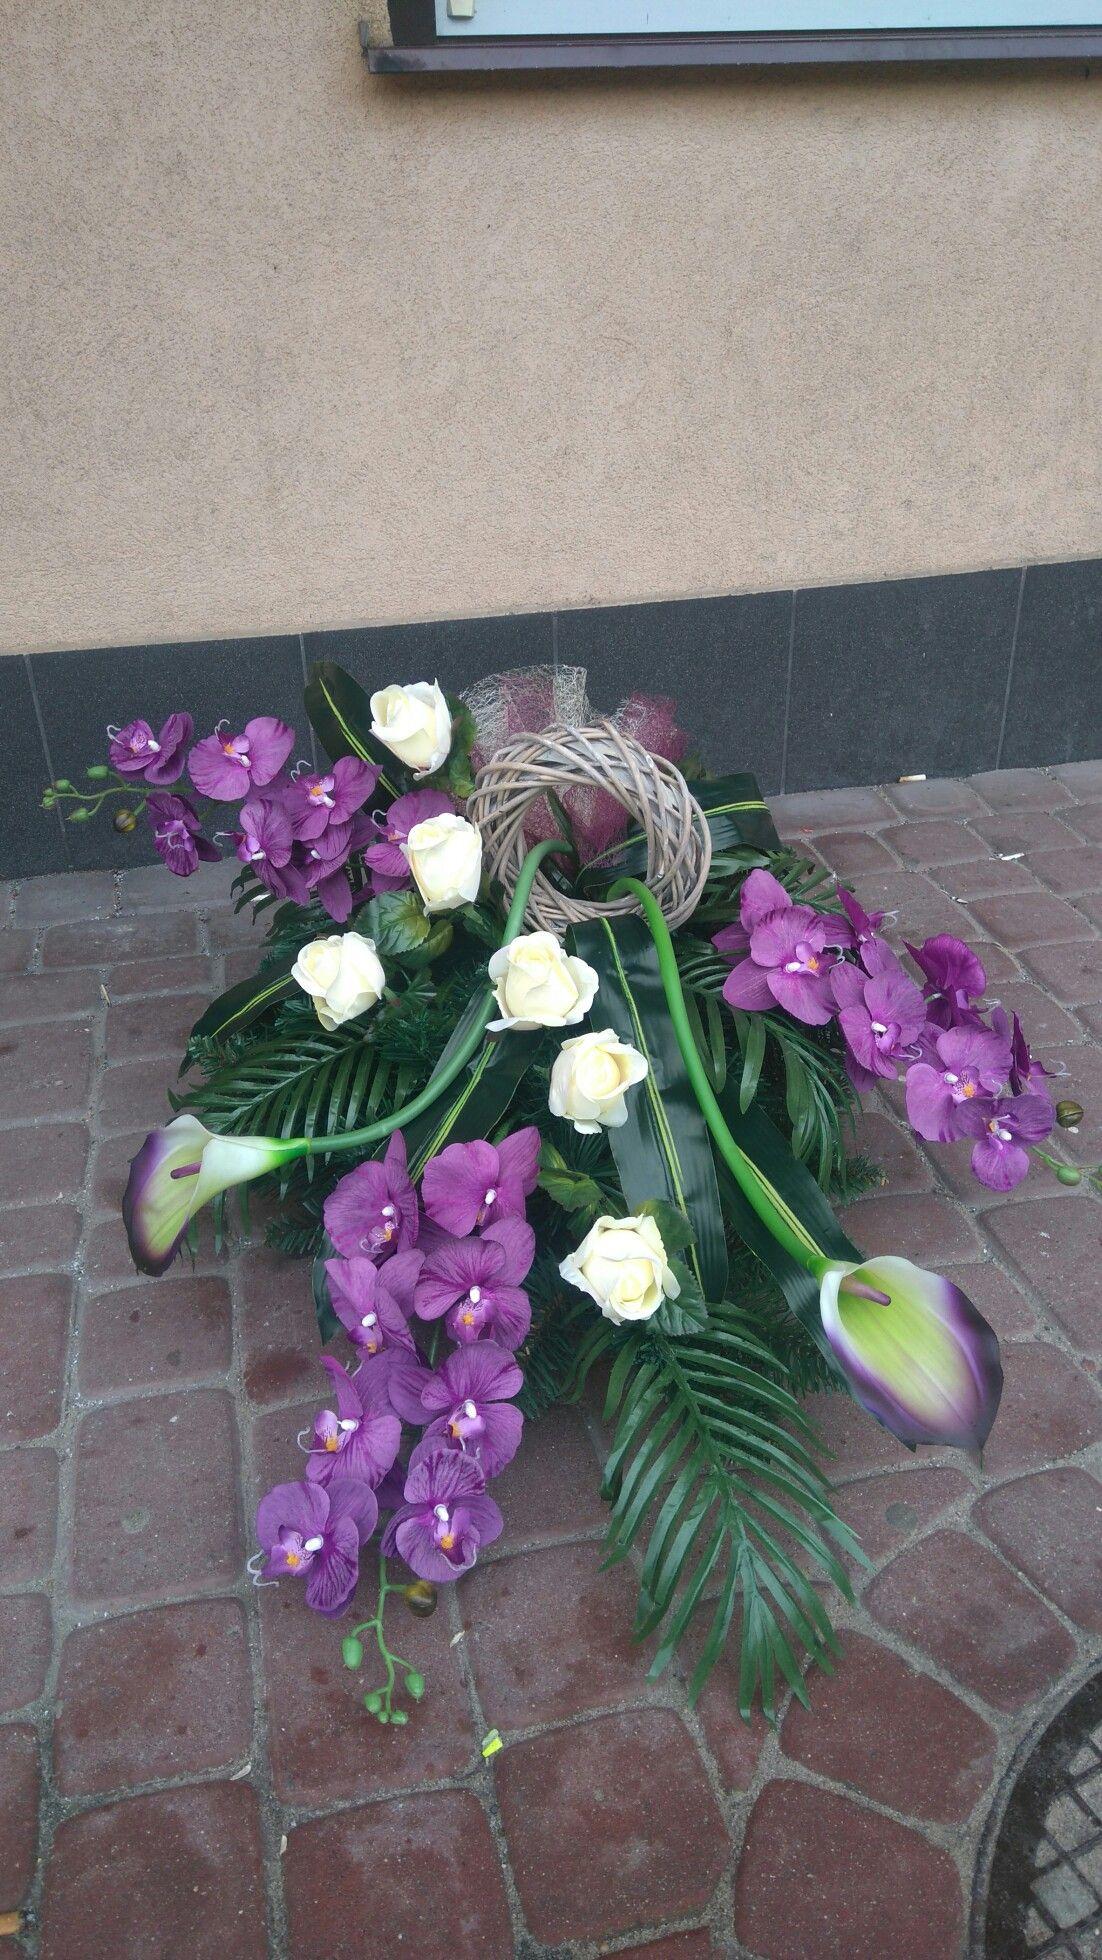 Pin By Rima Lingiene On Dekoracje Flowers Floral Plants